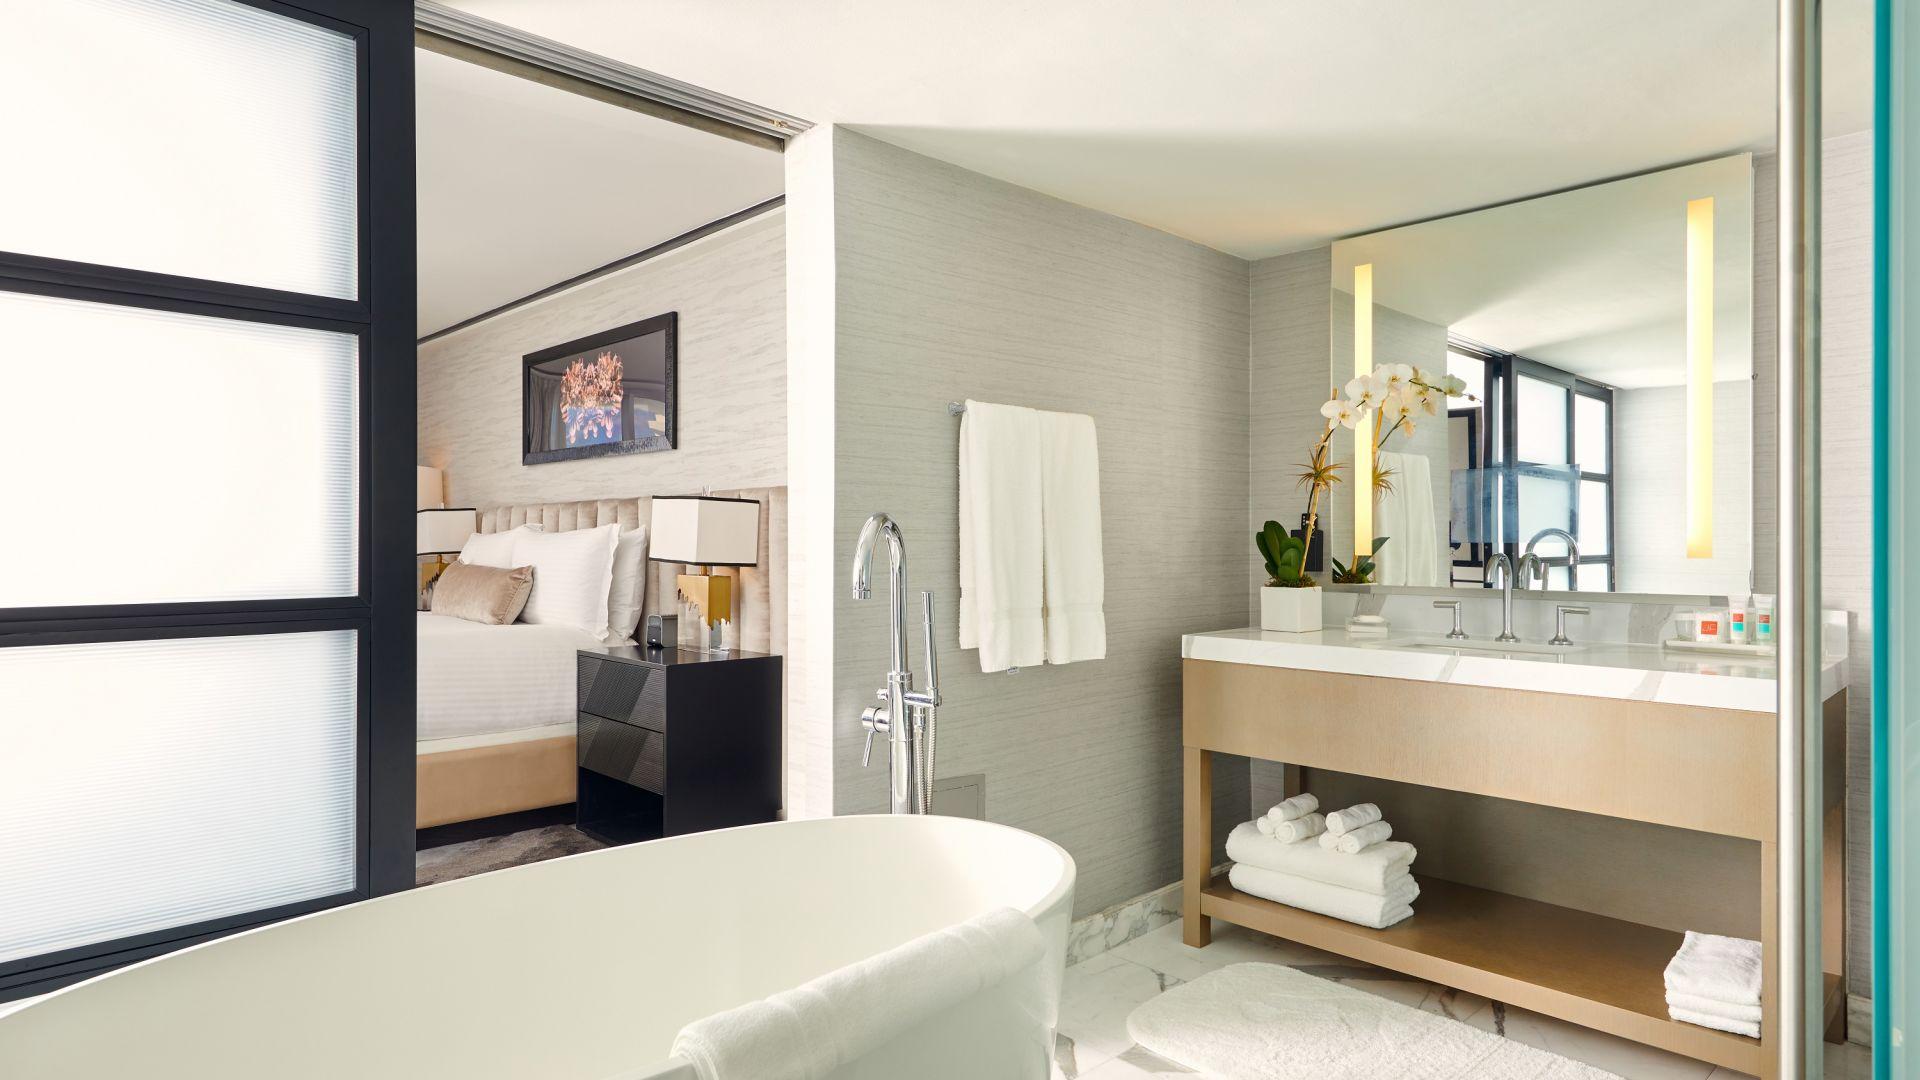 Ein Zimmer mit Waschbecken und Spiegel